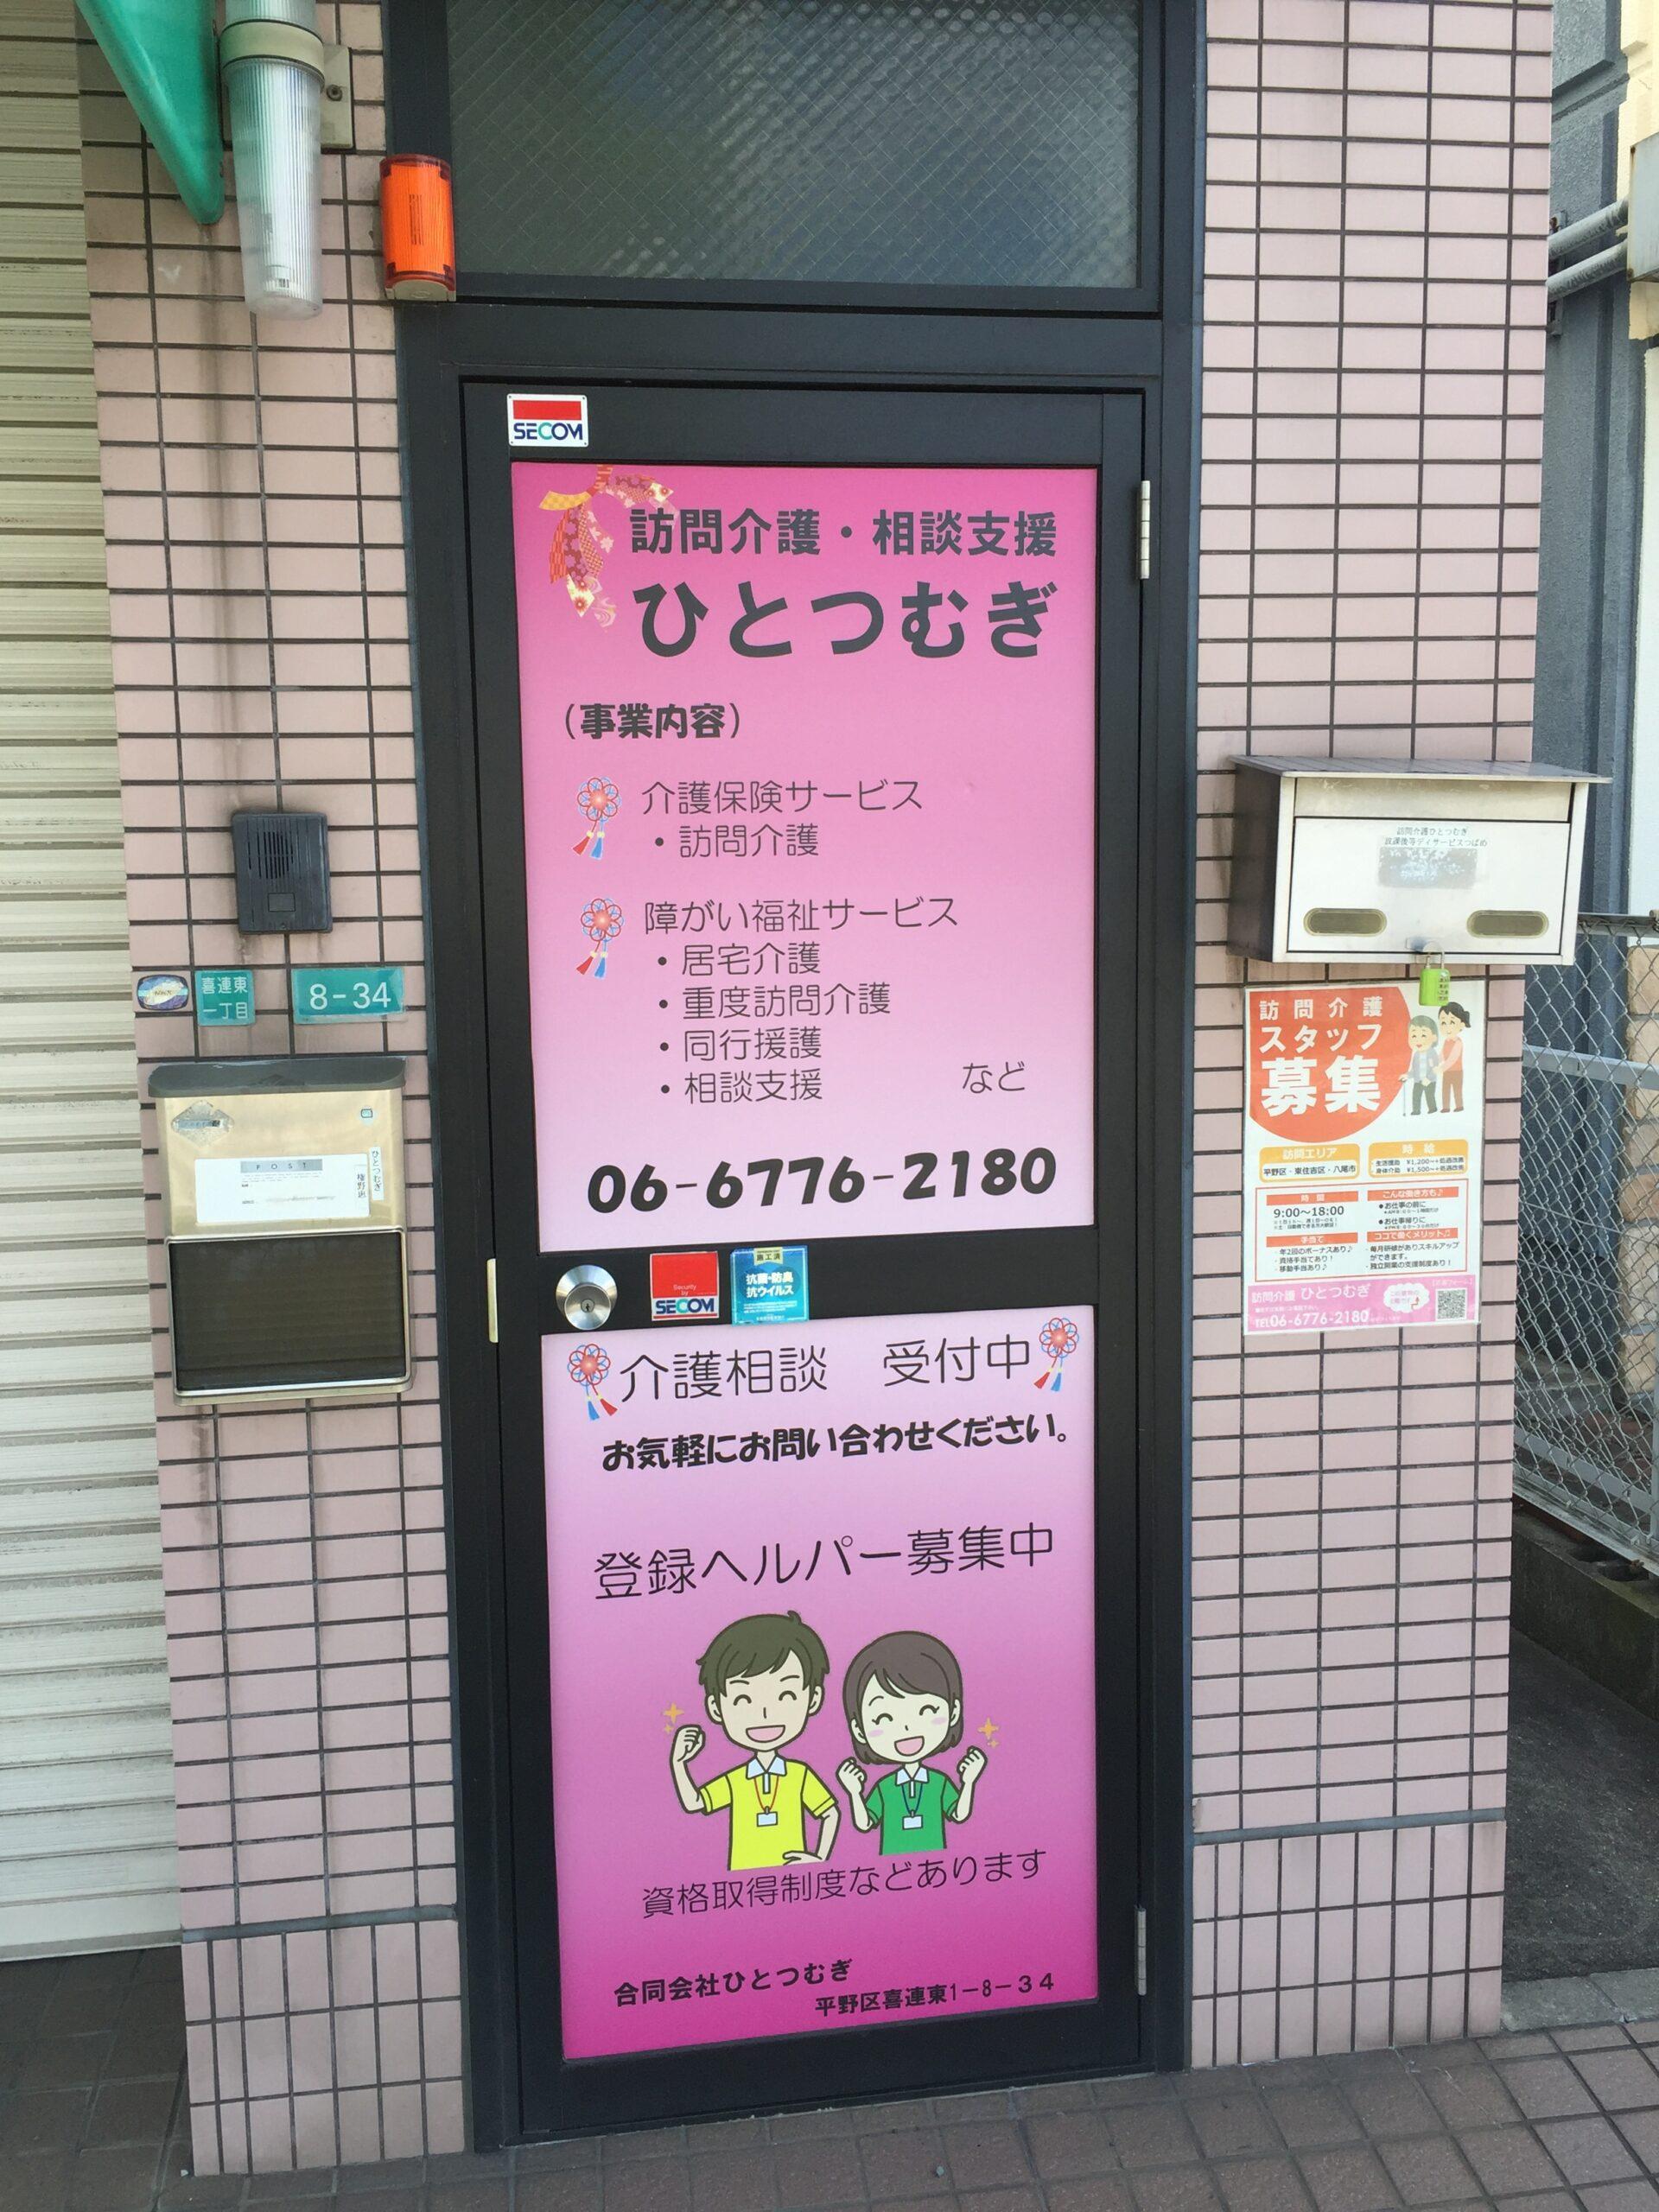 【介護職/大阪市平野区】 訪問介護 ひとつむぎ (パート)の画像1